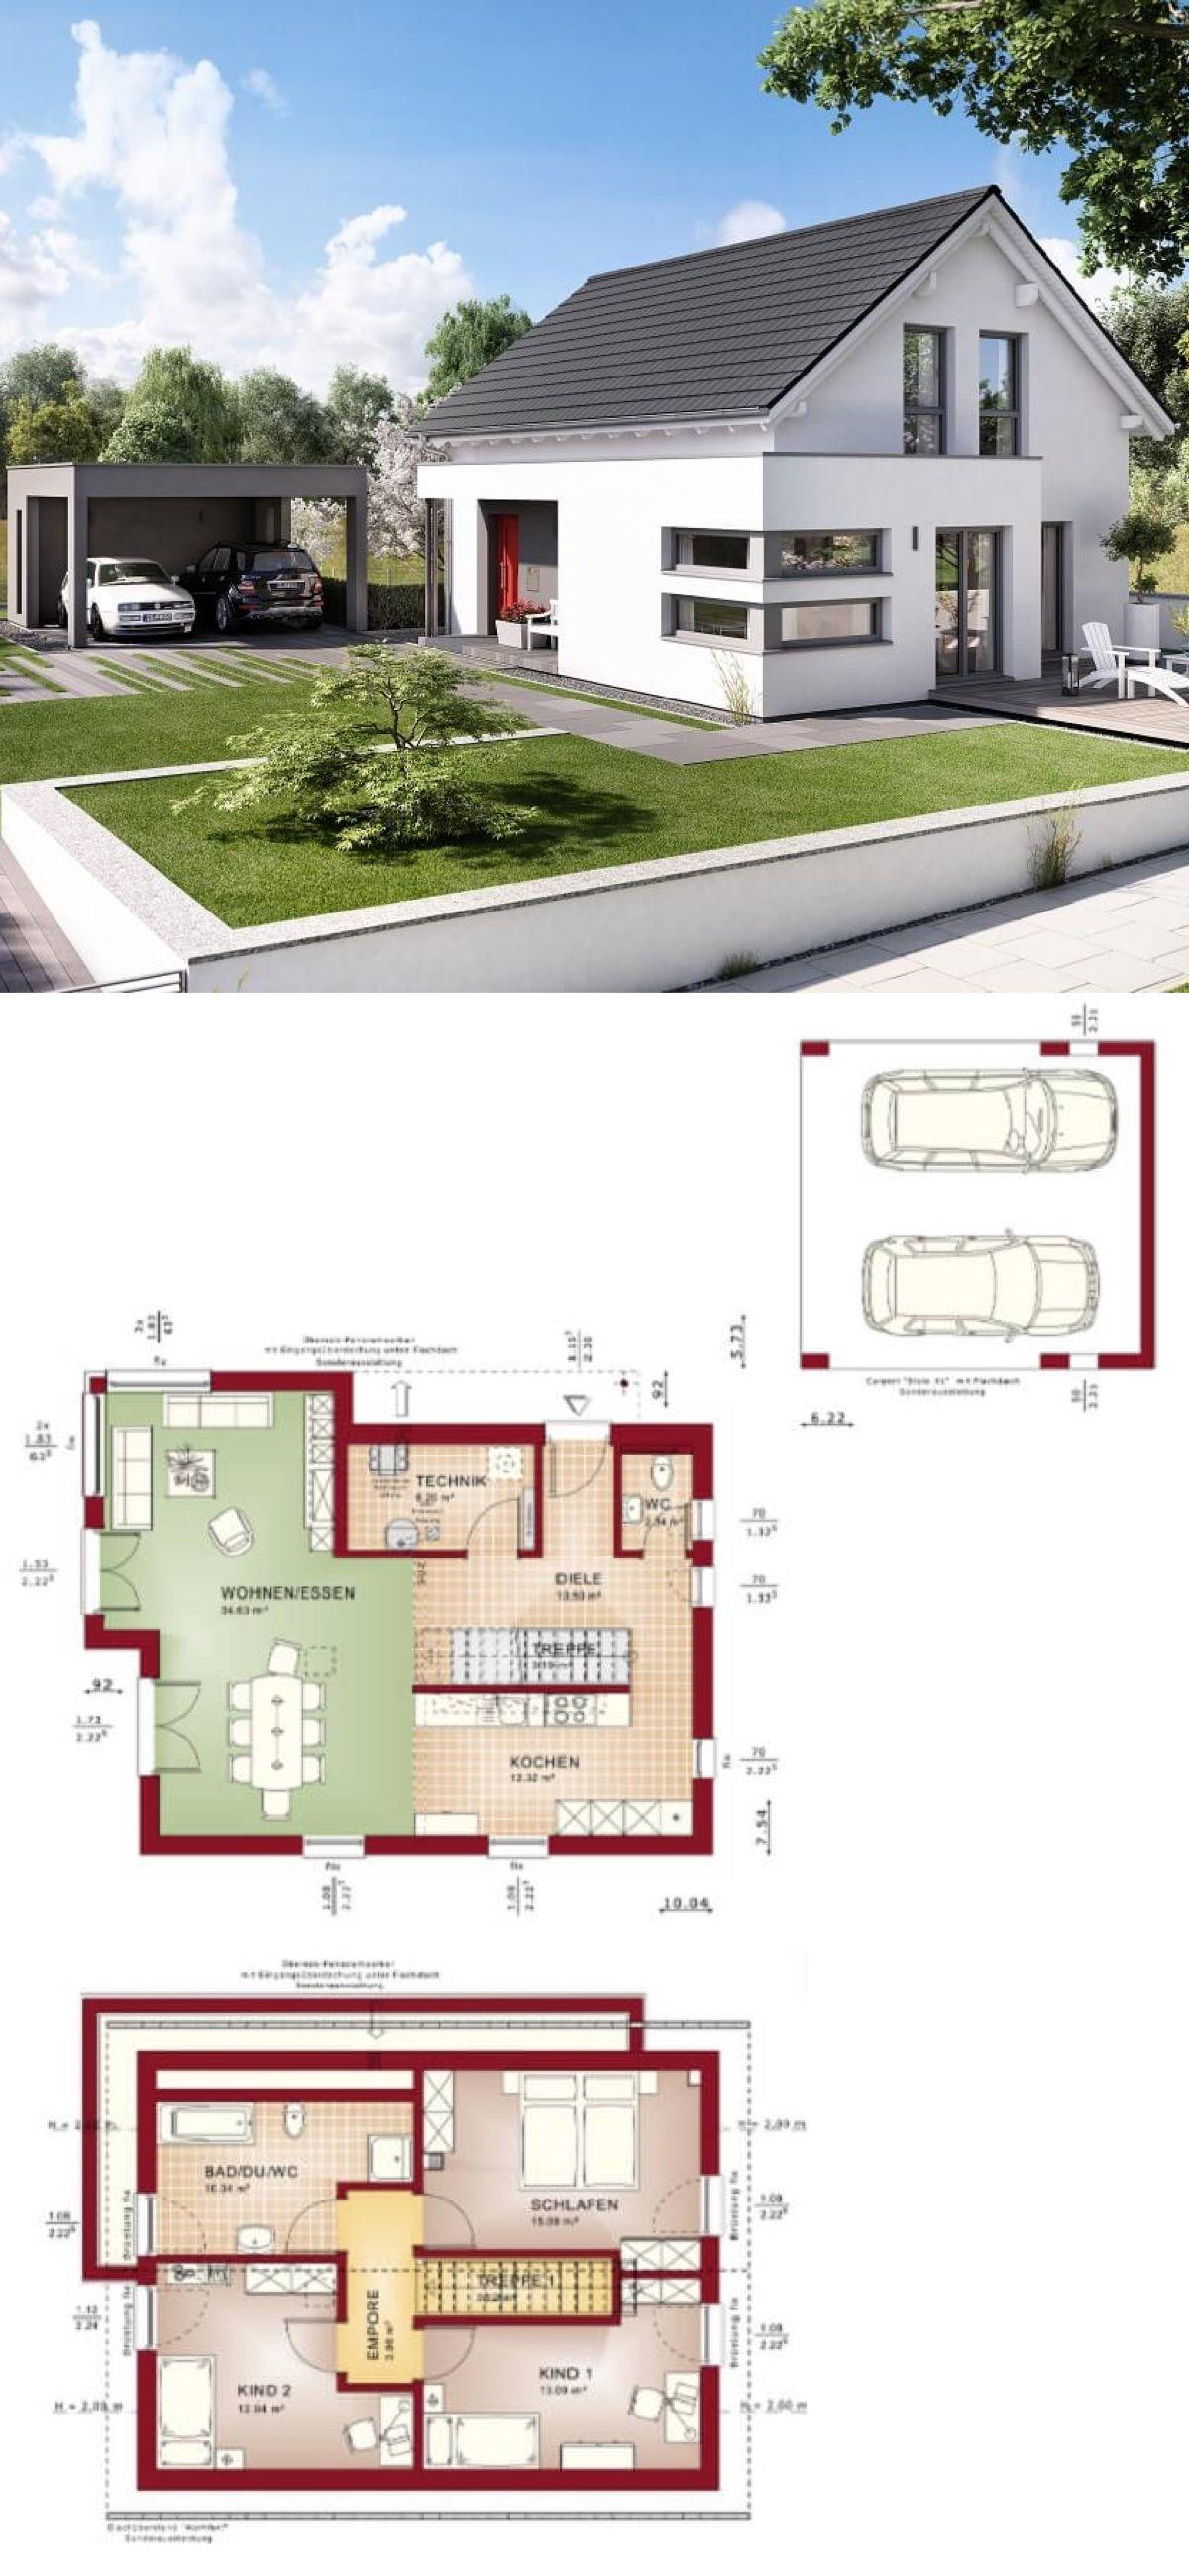 Einfamilienhaus Modern Grundriss Mit Satteldach Architektur Carport Haus Bauen Fertighaus Edition 4 V4 Bien Zenker Ha Haus Bauen Wohnarchitektur Haus Plane